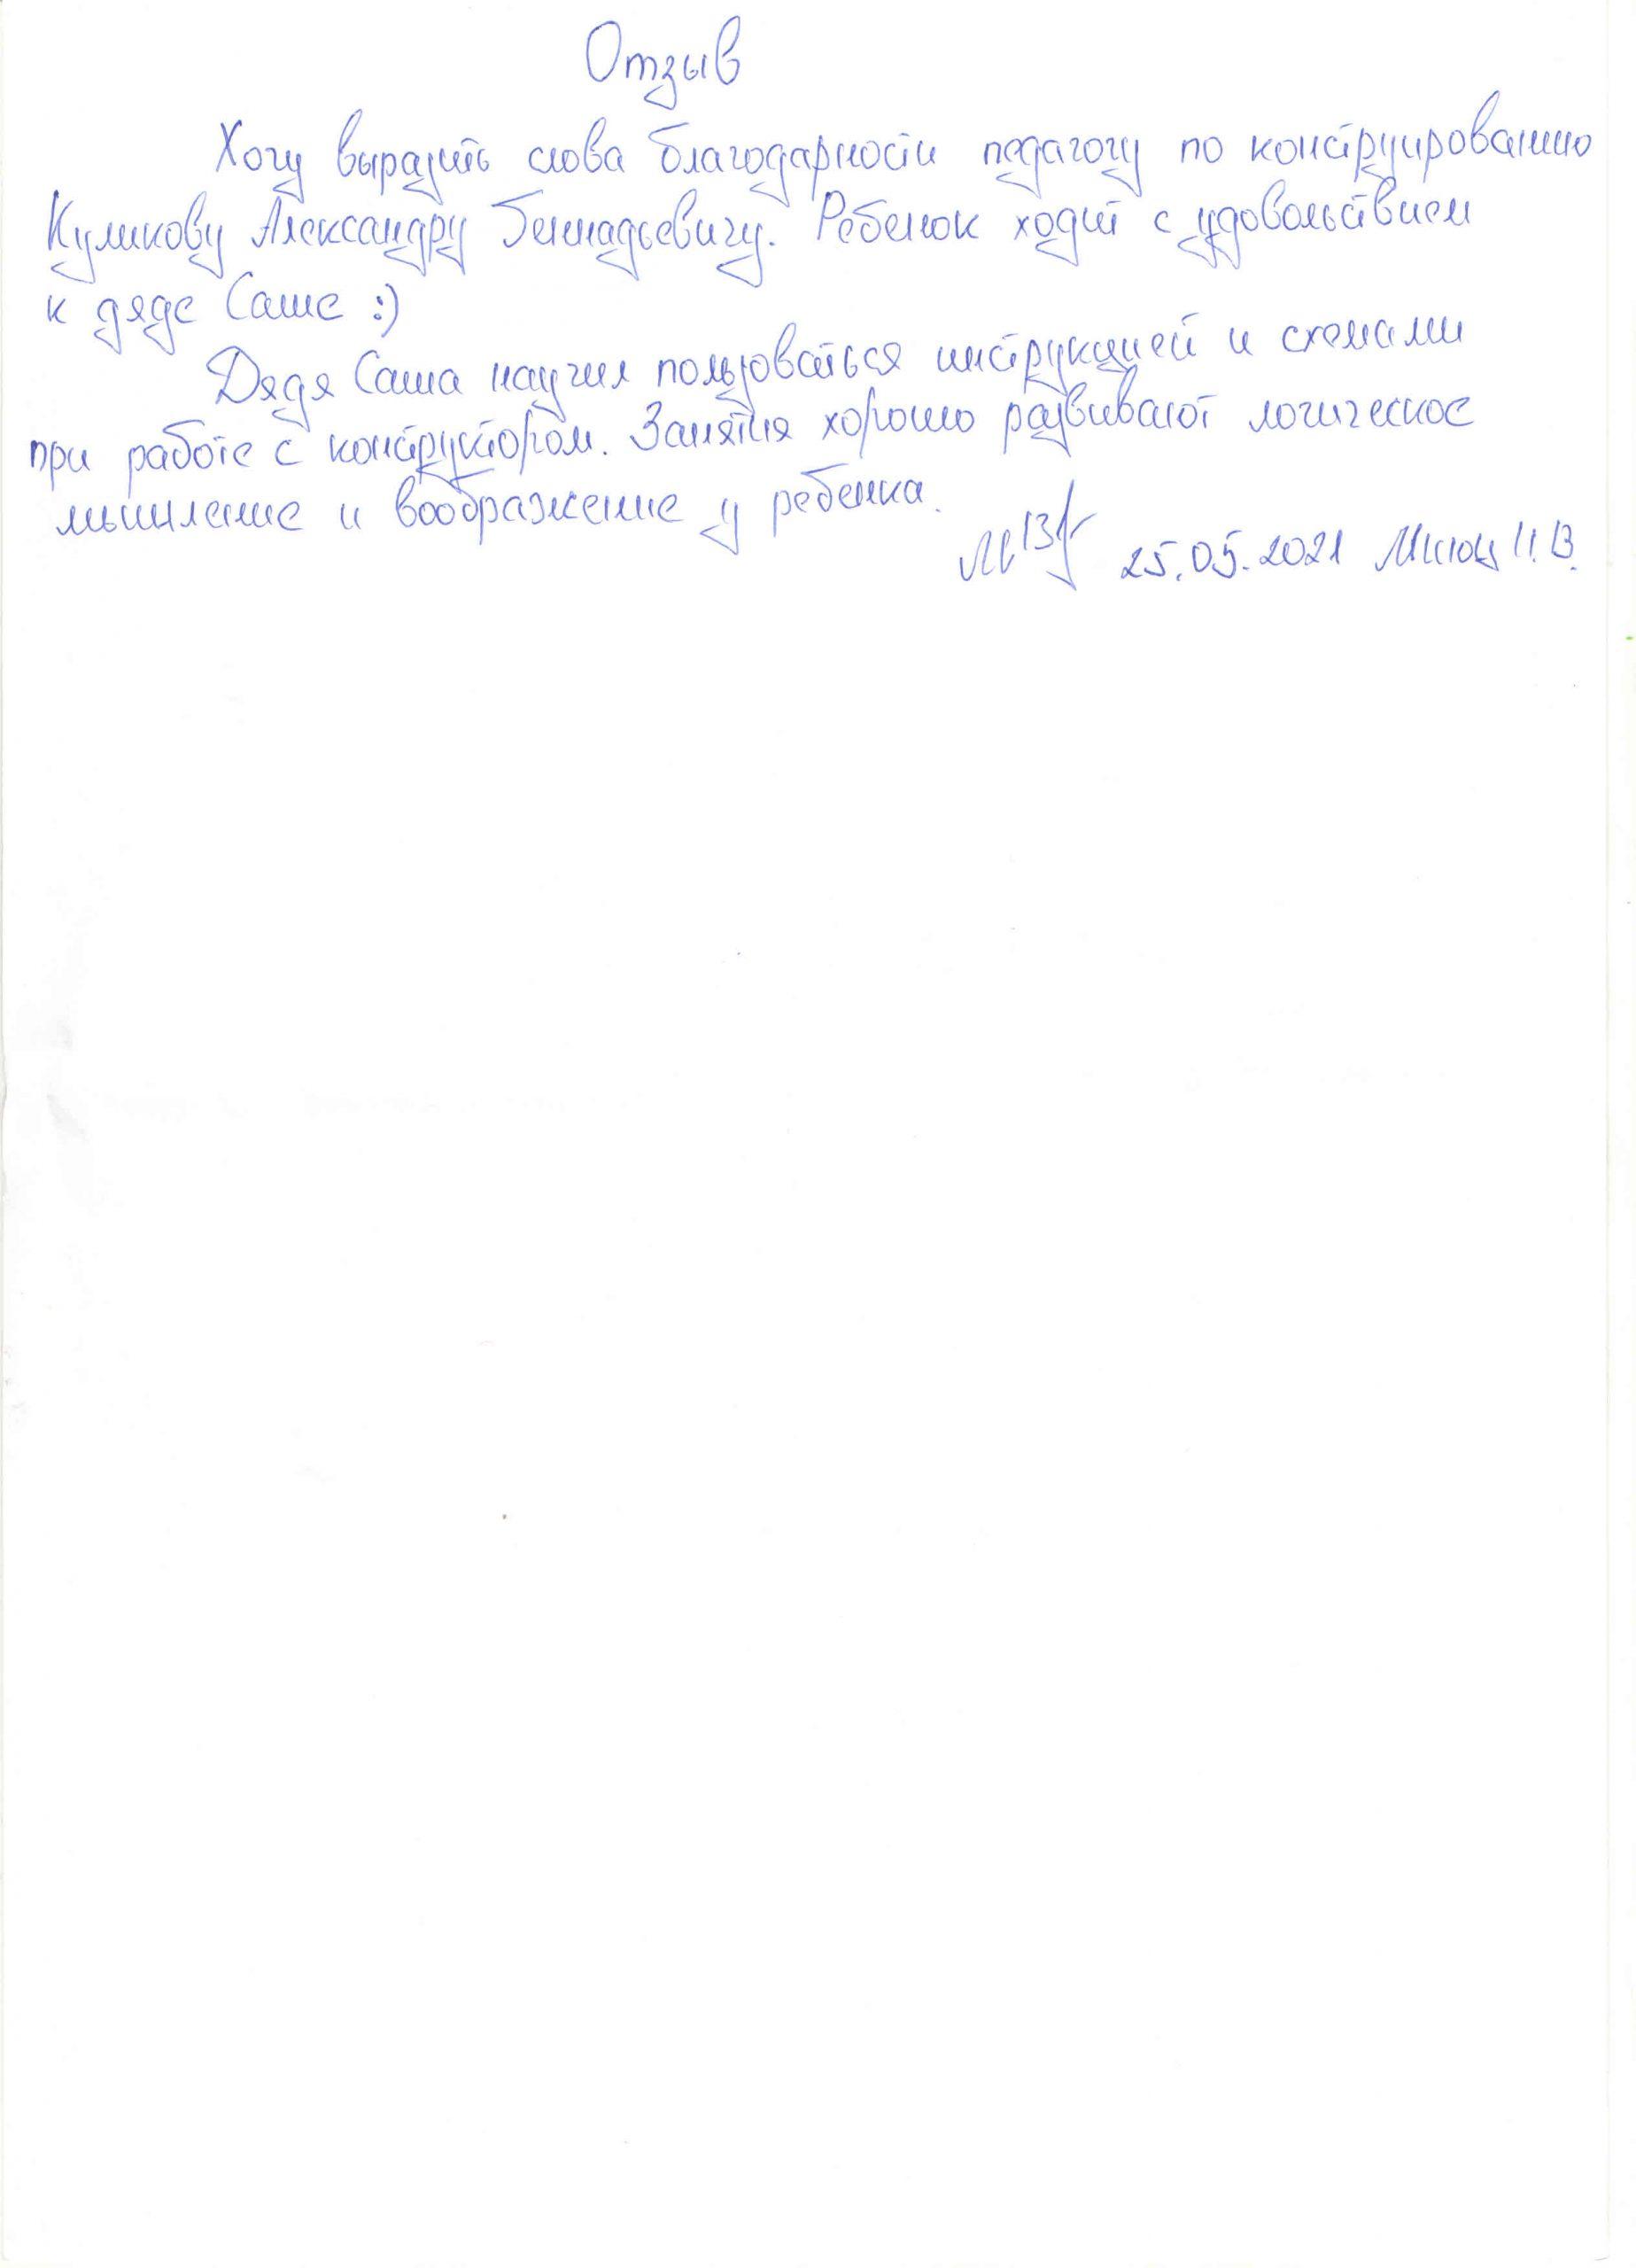 Куликов 25.05.2021